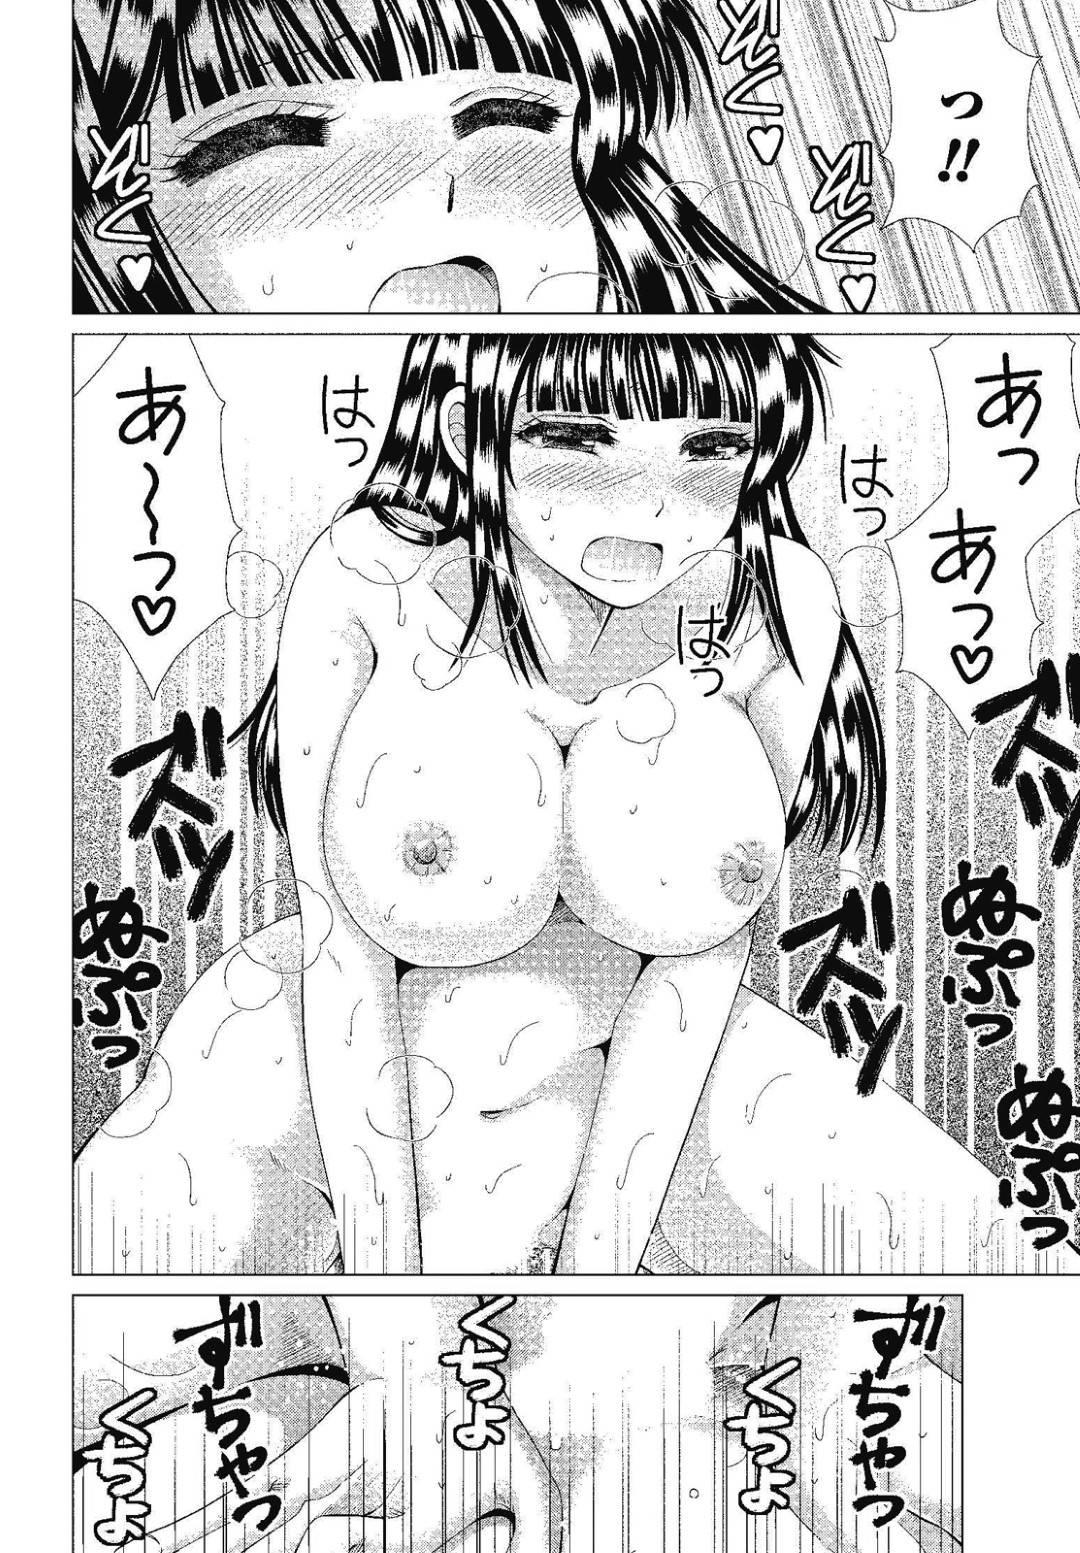 【エロ漫画】彼氏とエッチな雰囲気となりイチャラブセックスする清楚系彼女…彼に身体を委ねた彼女はされるがままに手マンされたり、乳首責めされたりし、騎乗位で中出しセックスする。